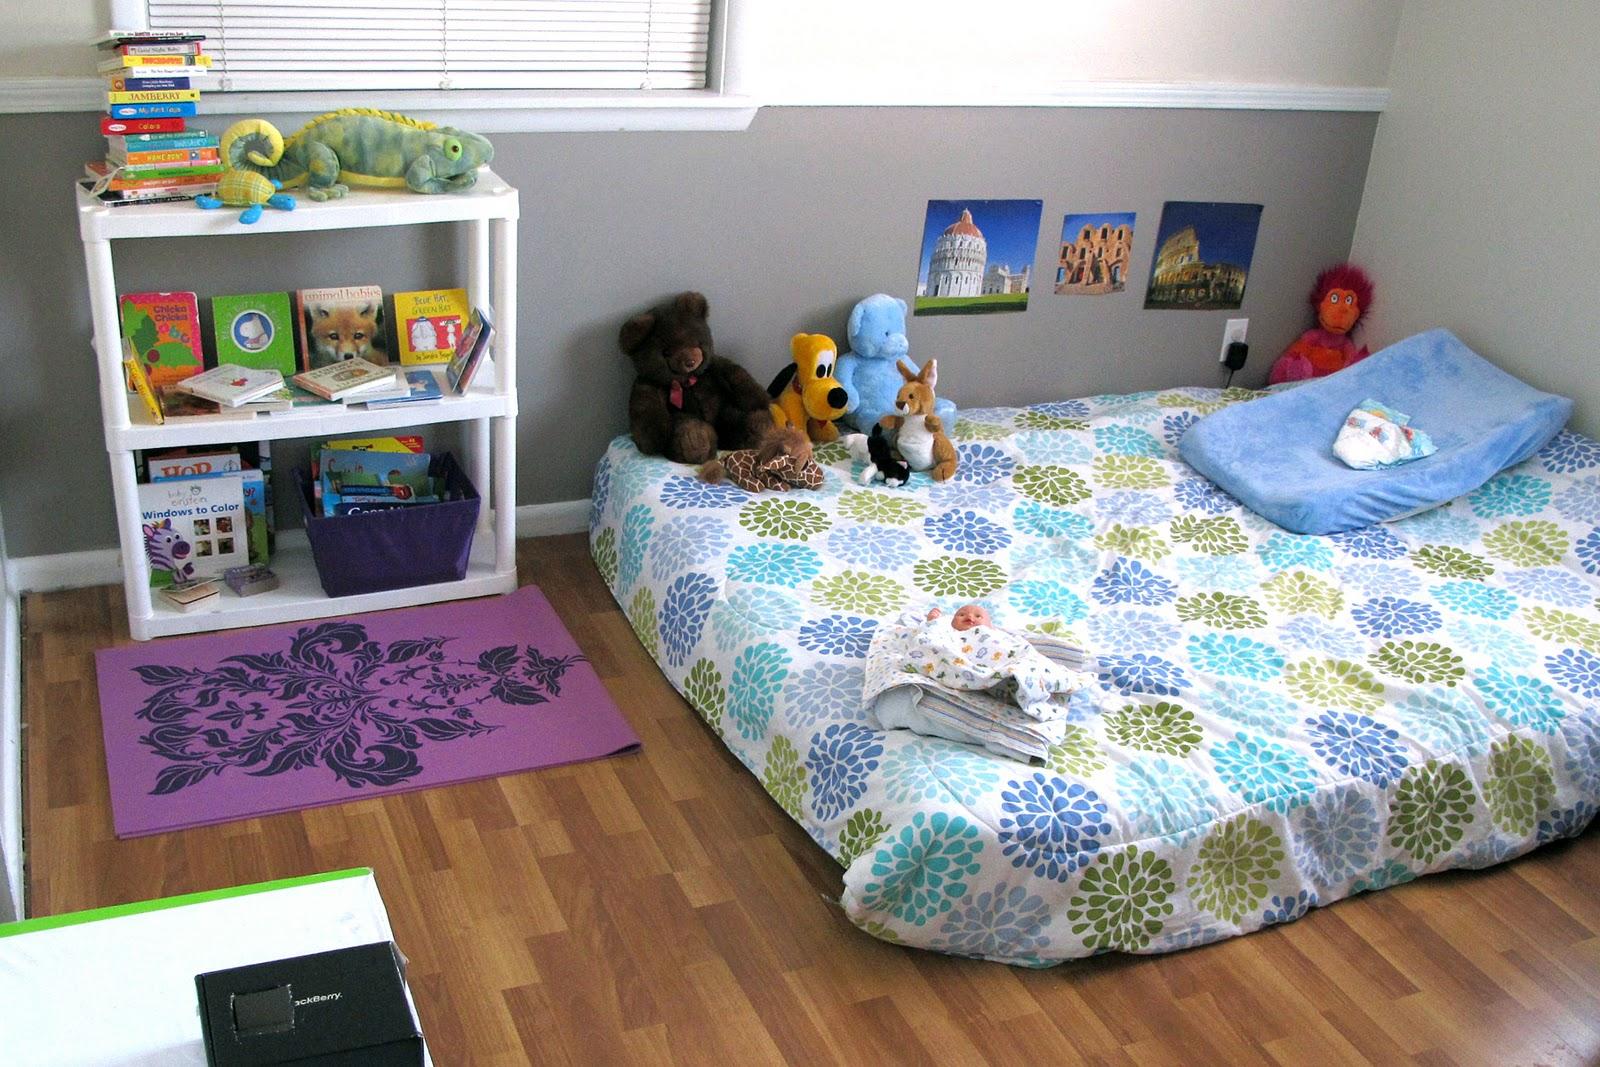 بالصور صور ديكورات غرف اطفال , اجمل ديكورات غرفة اطفالك 3054 11